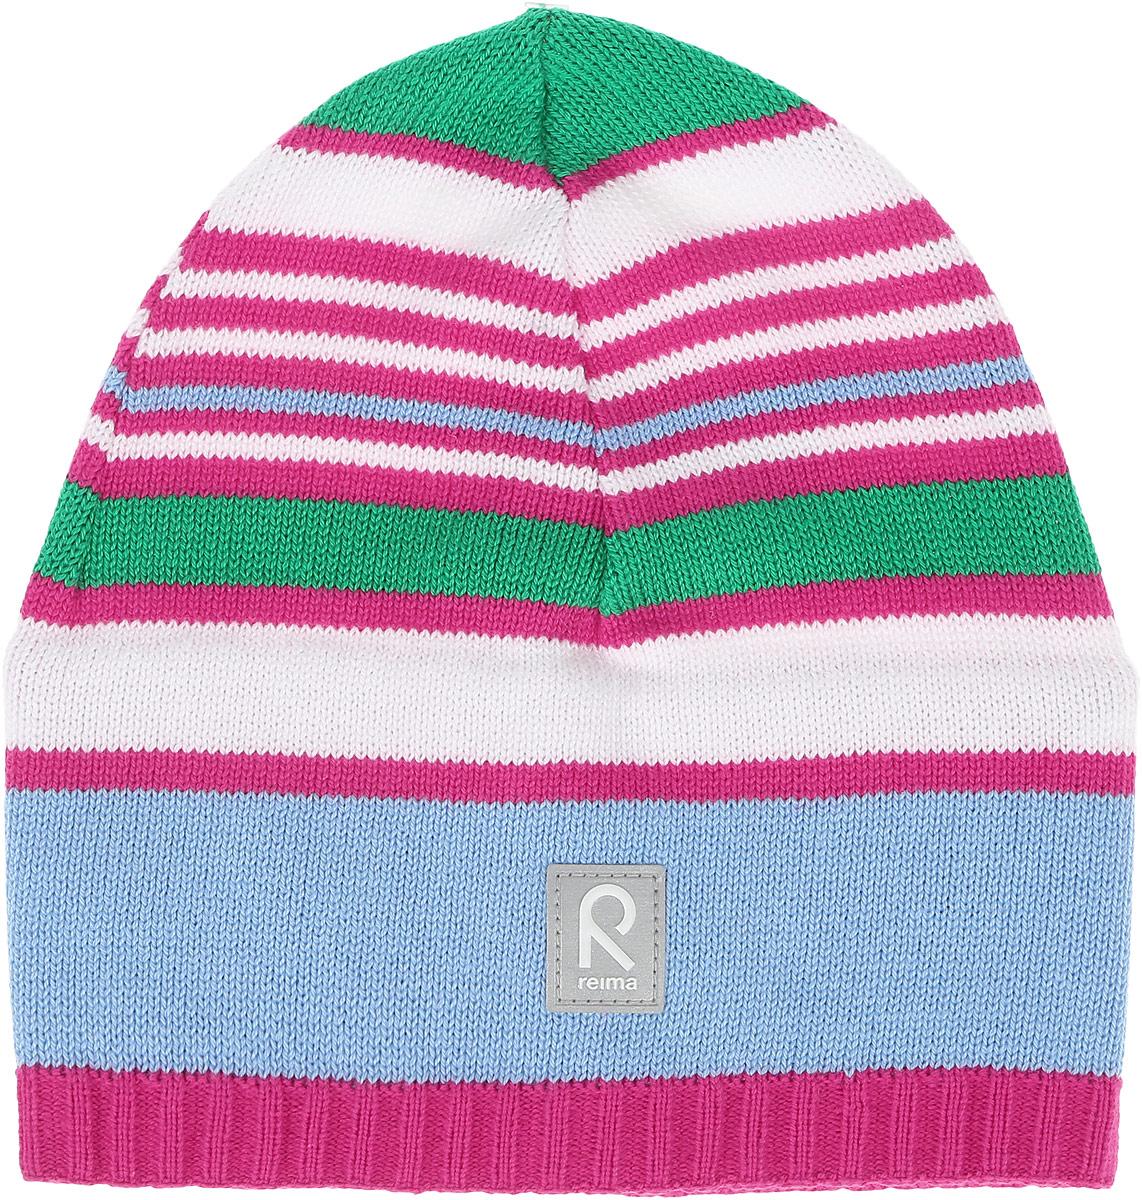 Шапка детская Reima Datoline, цвет: розовый, голубой, белый. 528510462A. Размер 54528510462AУдобная трикотажная шапка из хлопка подойдет на все случаи жизни. Полуподкладка из хлопчатобумажного трикотажа гарантирует тепло, а ветронепроницаемые вставки между верхним слоем и подкладкой защищают уши. Светоотражающая эмблема спереди позволяет лучше разглядеть ребенка после захода солнца.